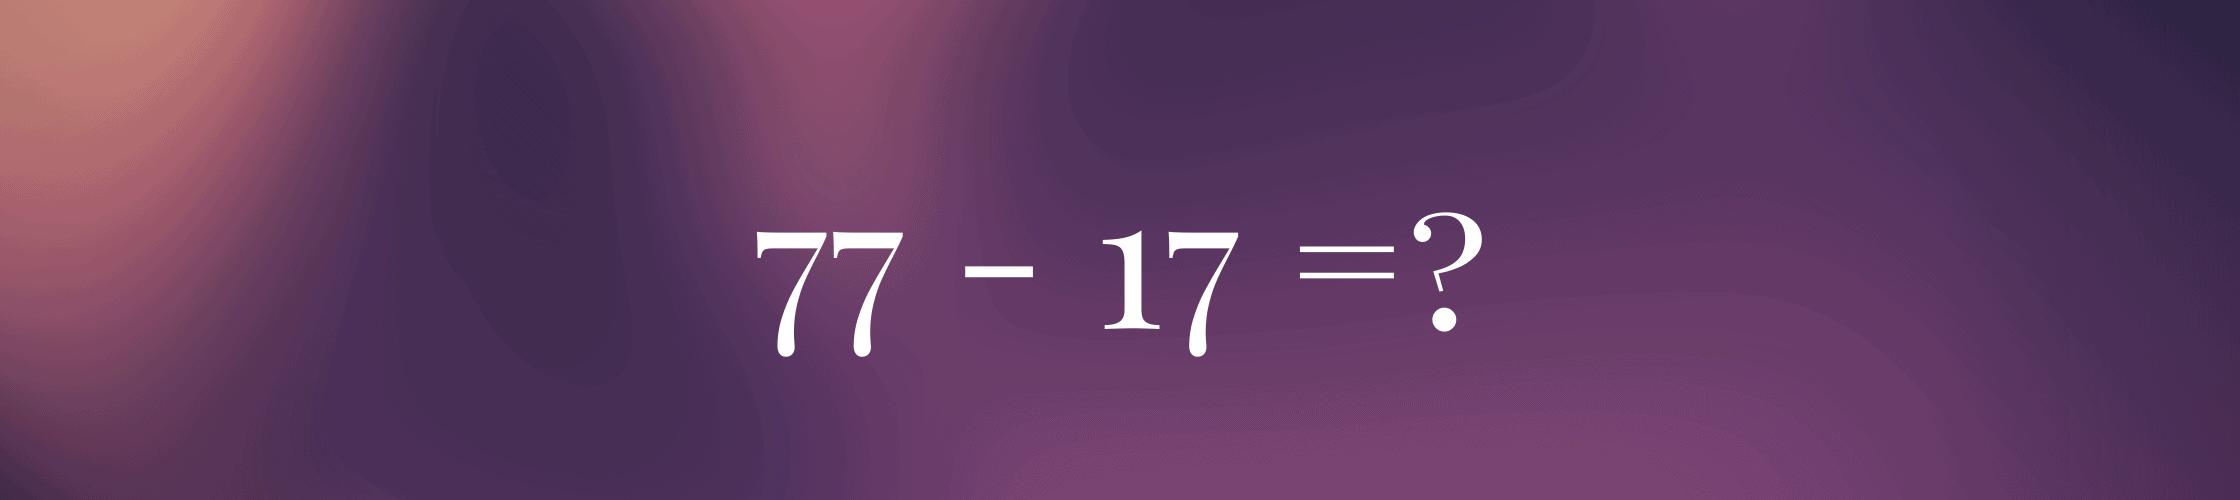 Bu Matematik Testini Çözemeyene 'Cahil' Plaketi Veriliyor!